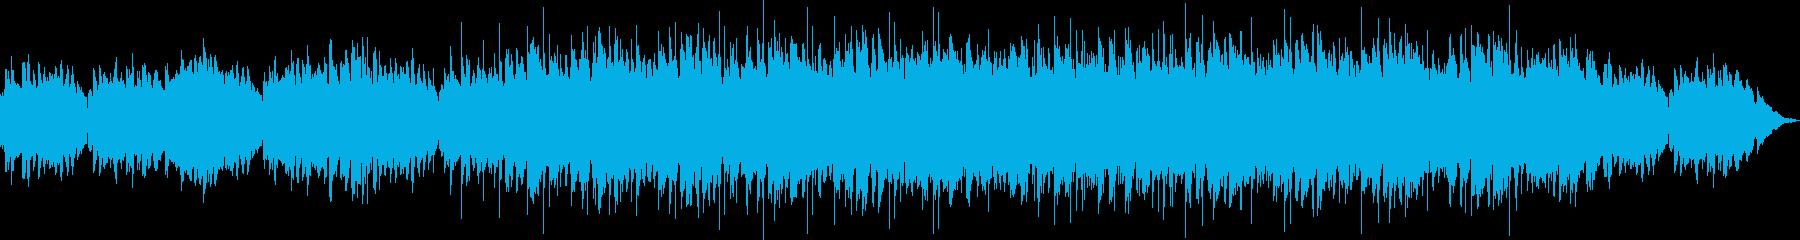 動画 電子打楽器 技術的な 期待す...の再生済みの波形